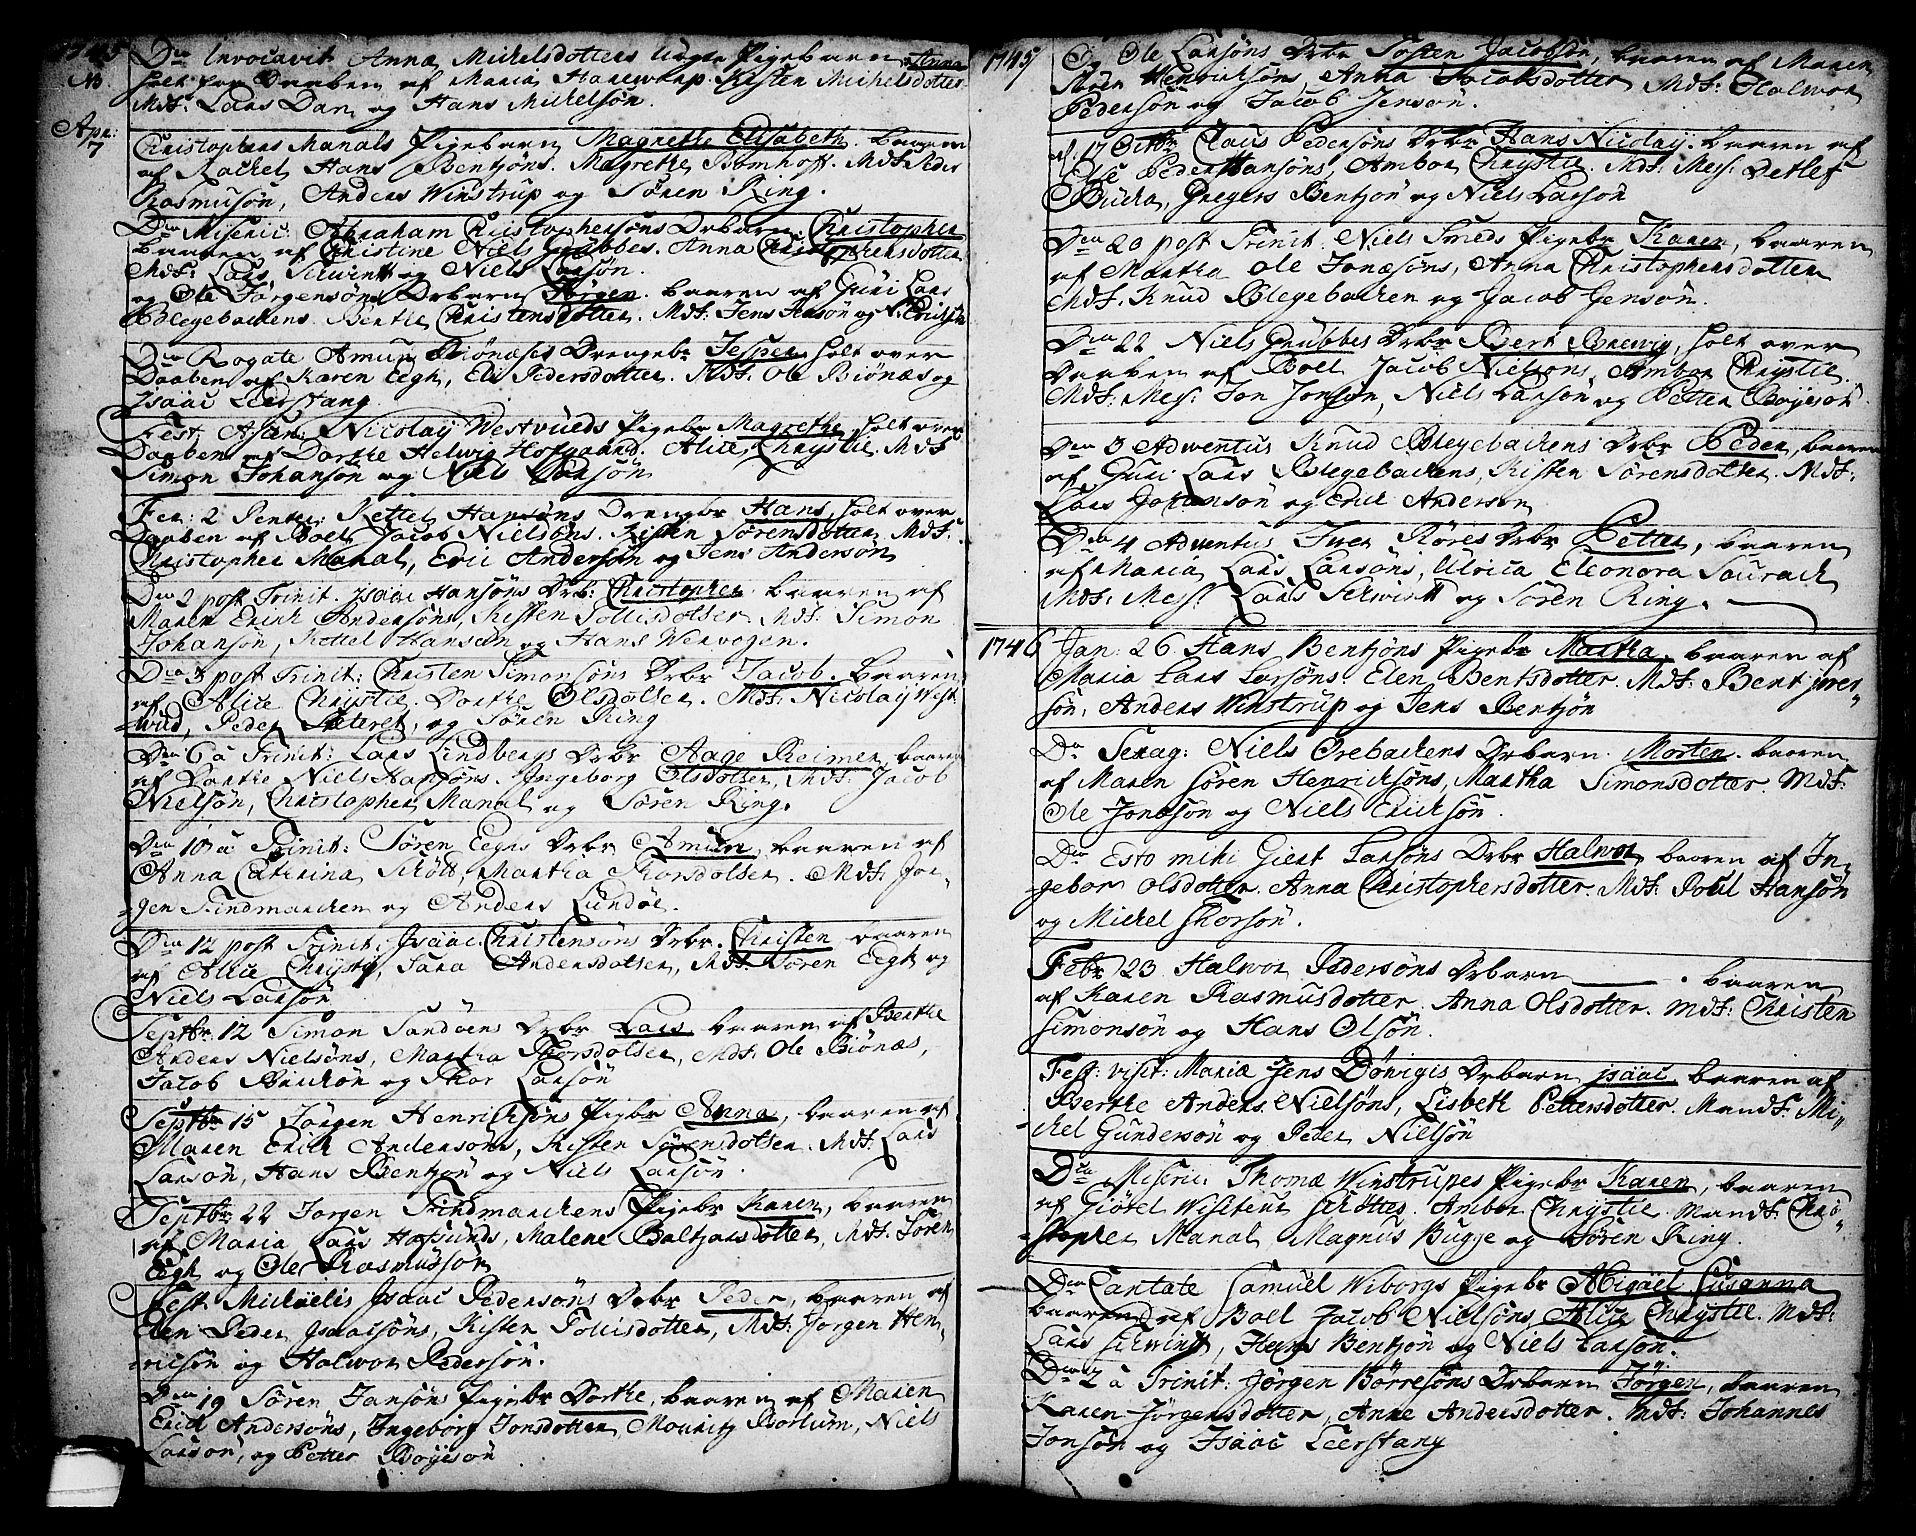 SAKO, Brevik kirkebøker, F/Fa/L0002: Ministerialbok nr. 2, 1720-1764, s. 34p